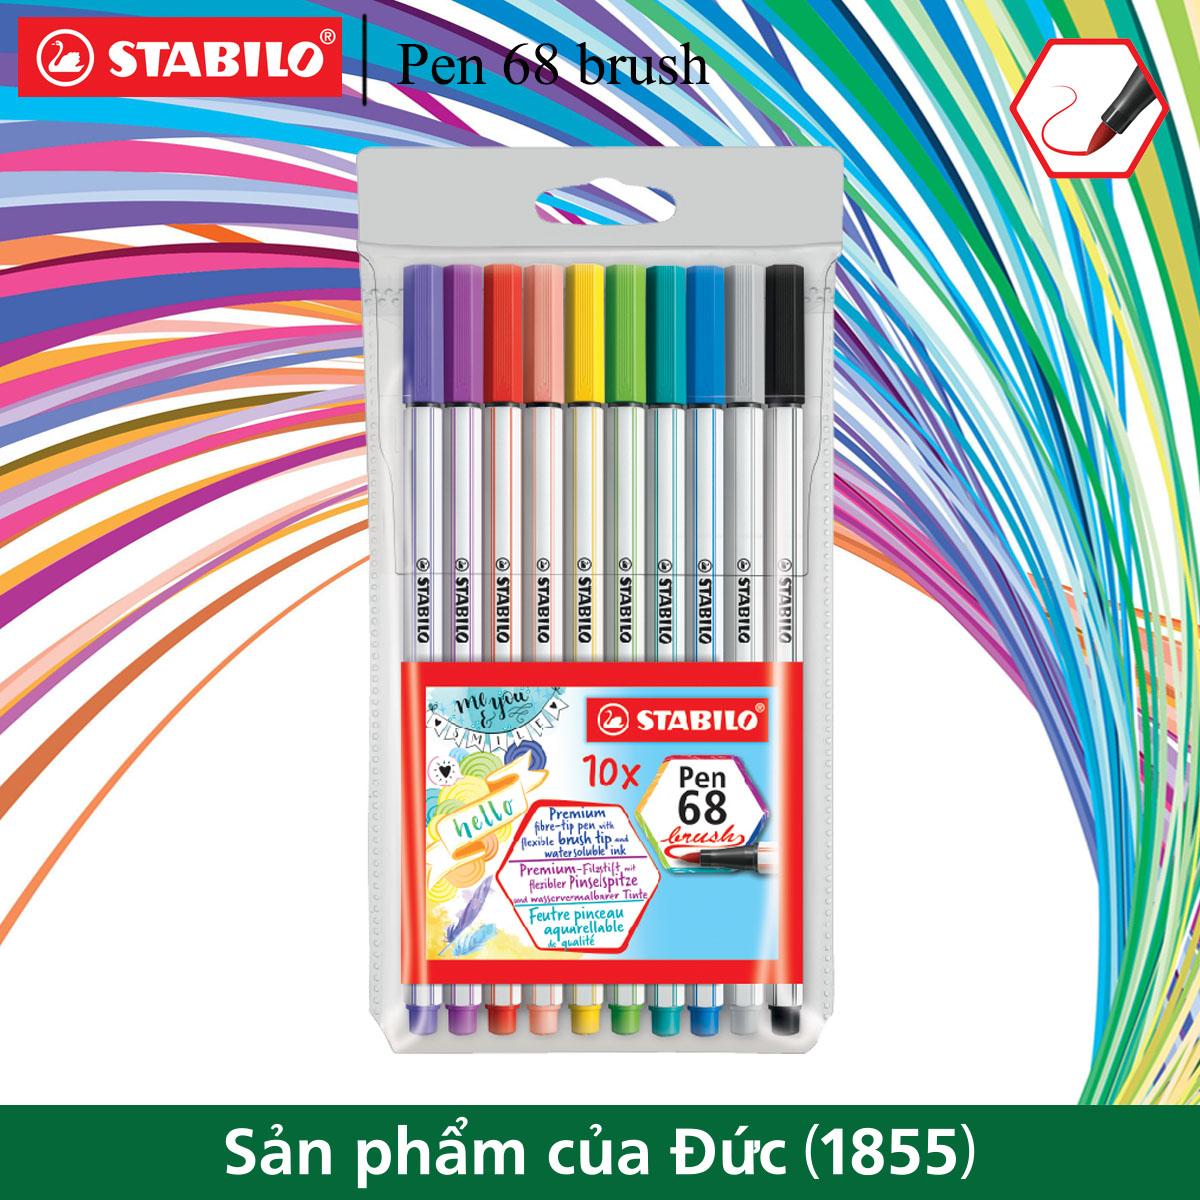 Bộ bút lông màu STABILO Pen 68 brush 10 màu (PN68BR-C10)